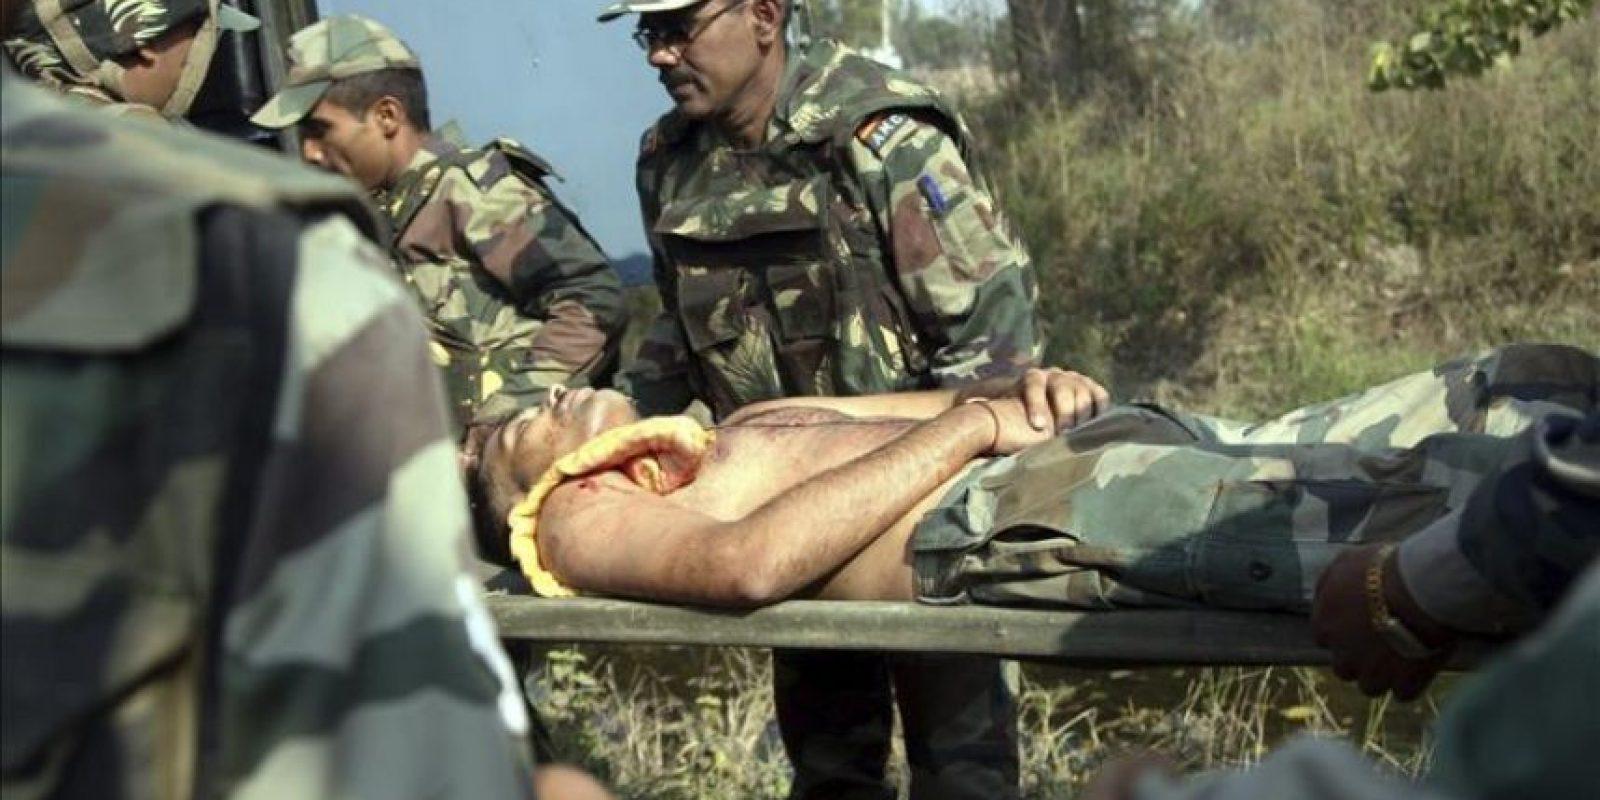 Miembros del ejército indio evacúan a un soldado herido tras un ataque de insurgentes en Pindi Khathar, Ramgarh, a unos 40 kilómetros de Jammu, en la zona de Cachemira administrada por la India, hoy, jueves 27 de noviembre de 2014. EFE